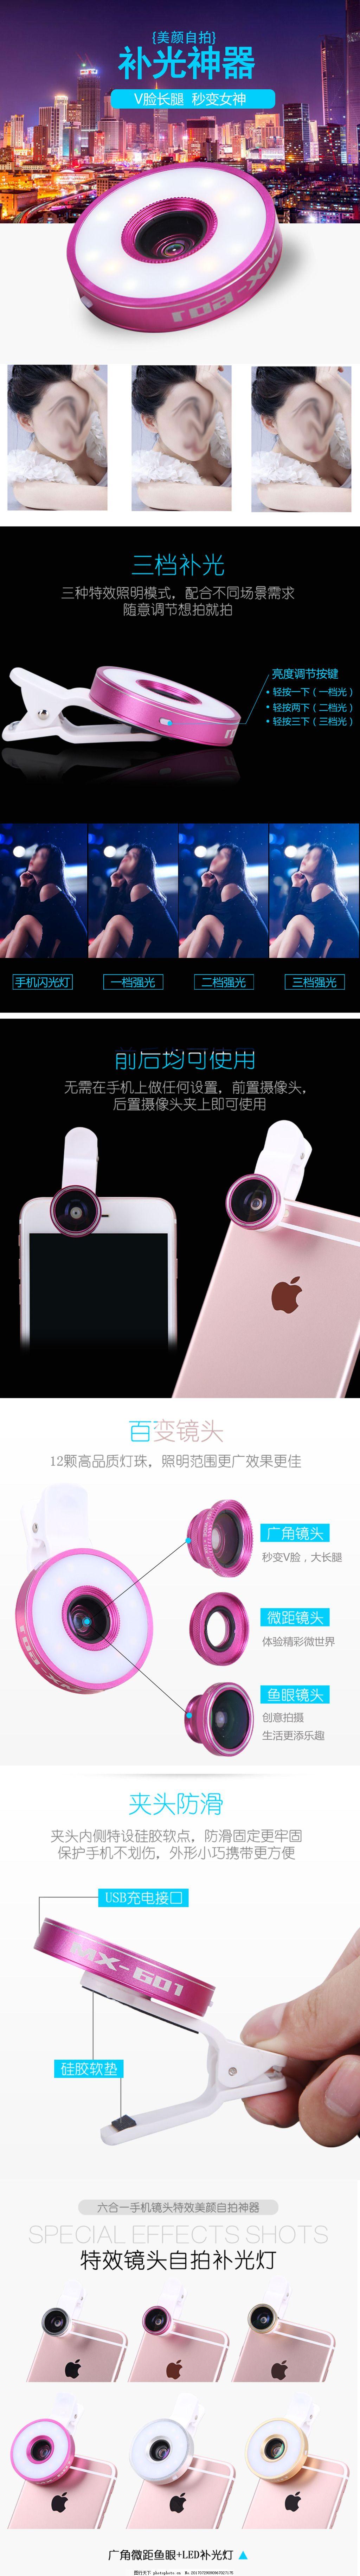 淘宝电商苹果手机自拍广角镜头详情页 补光 手机详情页 苹果手机详情页